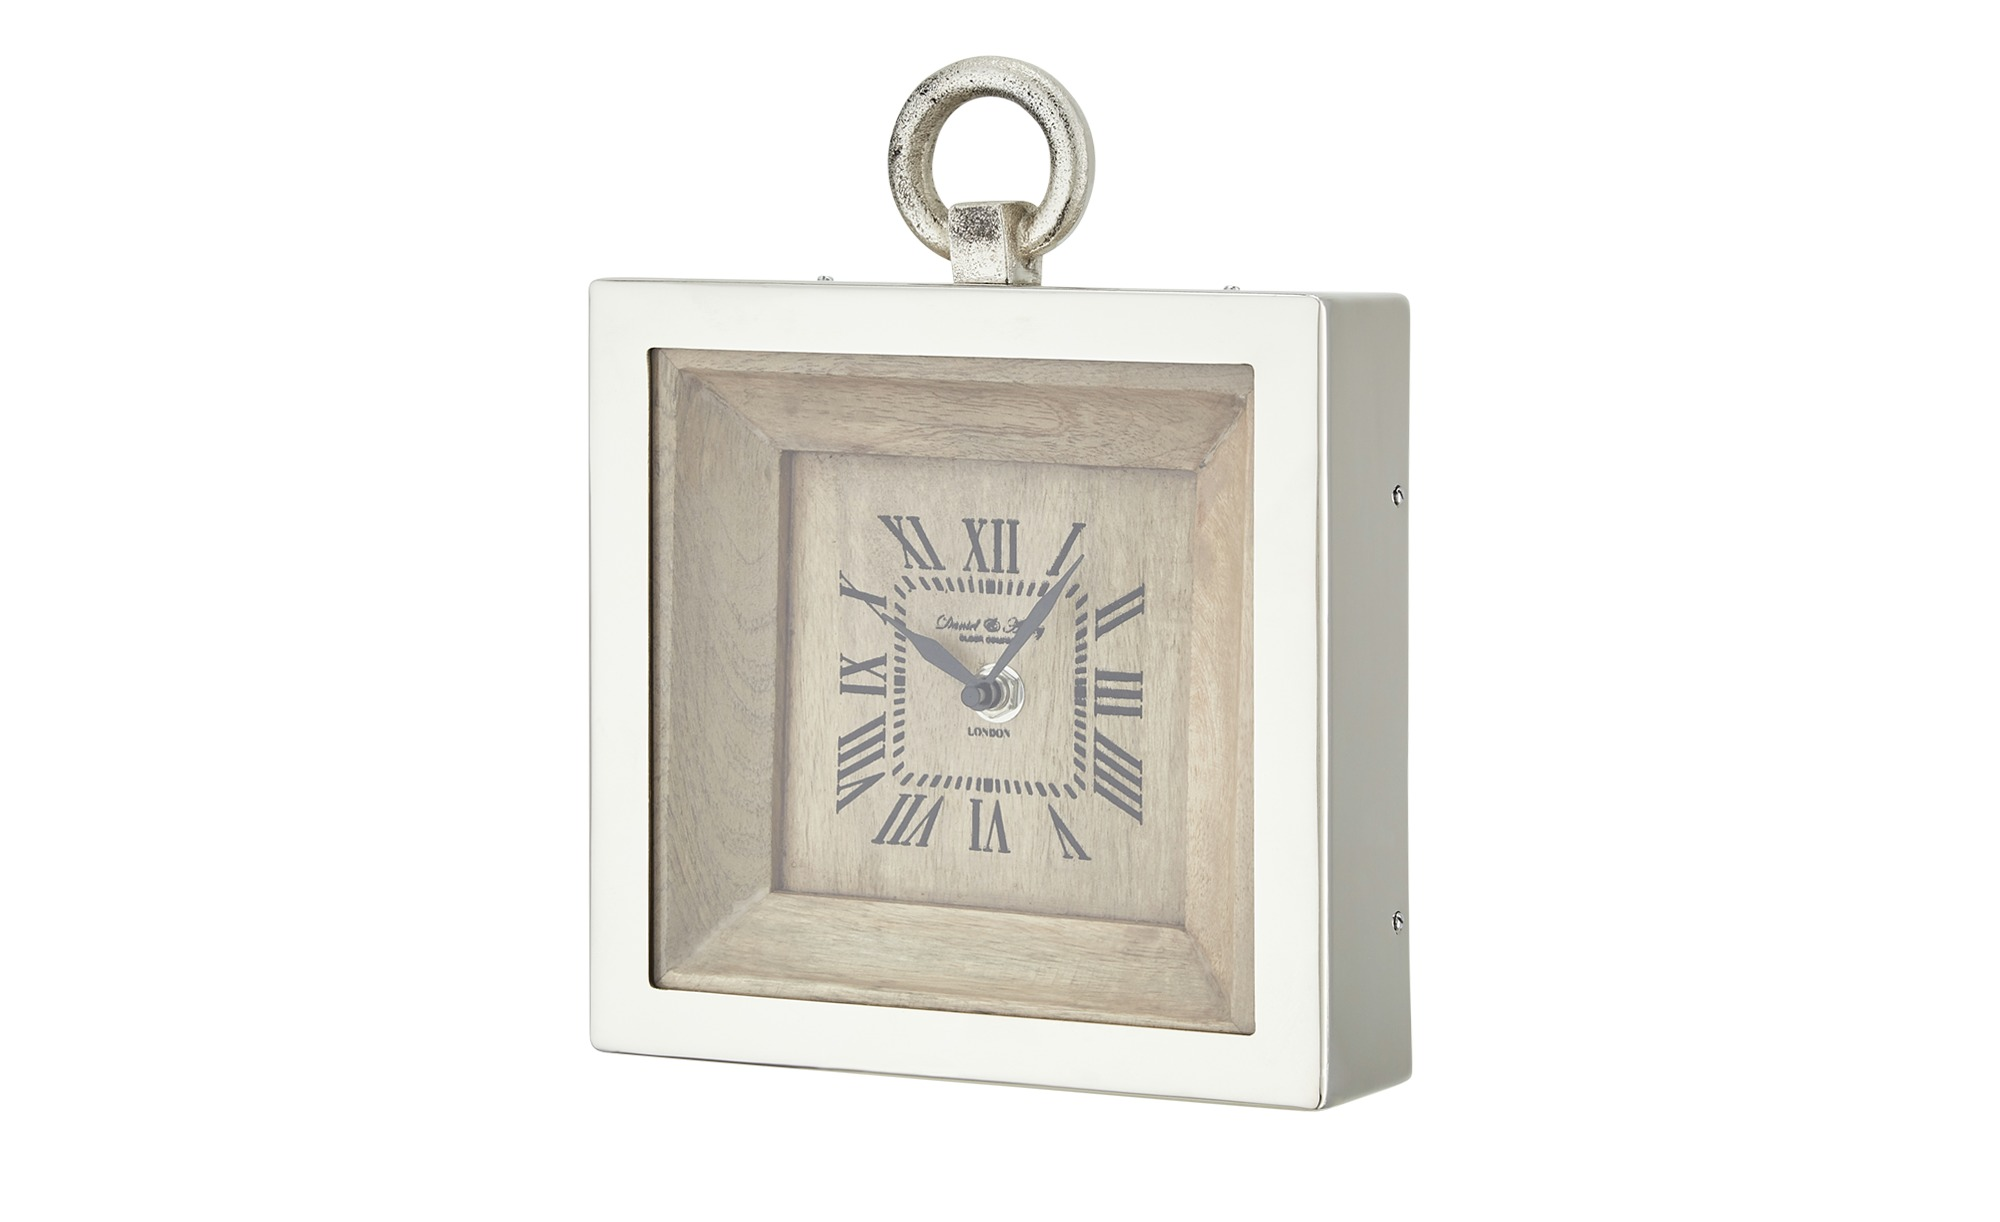 Tischuhr - holzfarben - 18,5 cm - 24 cm - 5 cm - Dekoration > Uhren & Wetterstationen - Möbel Kraft | Dekoration > Uhren > Standuhren | Sconto